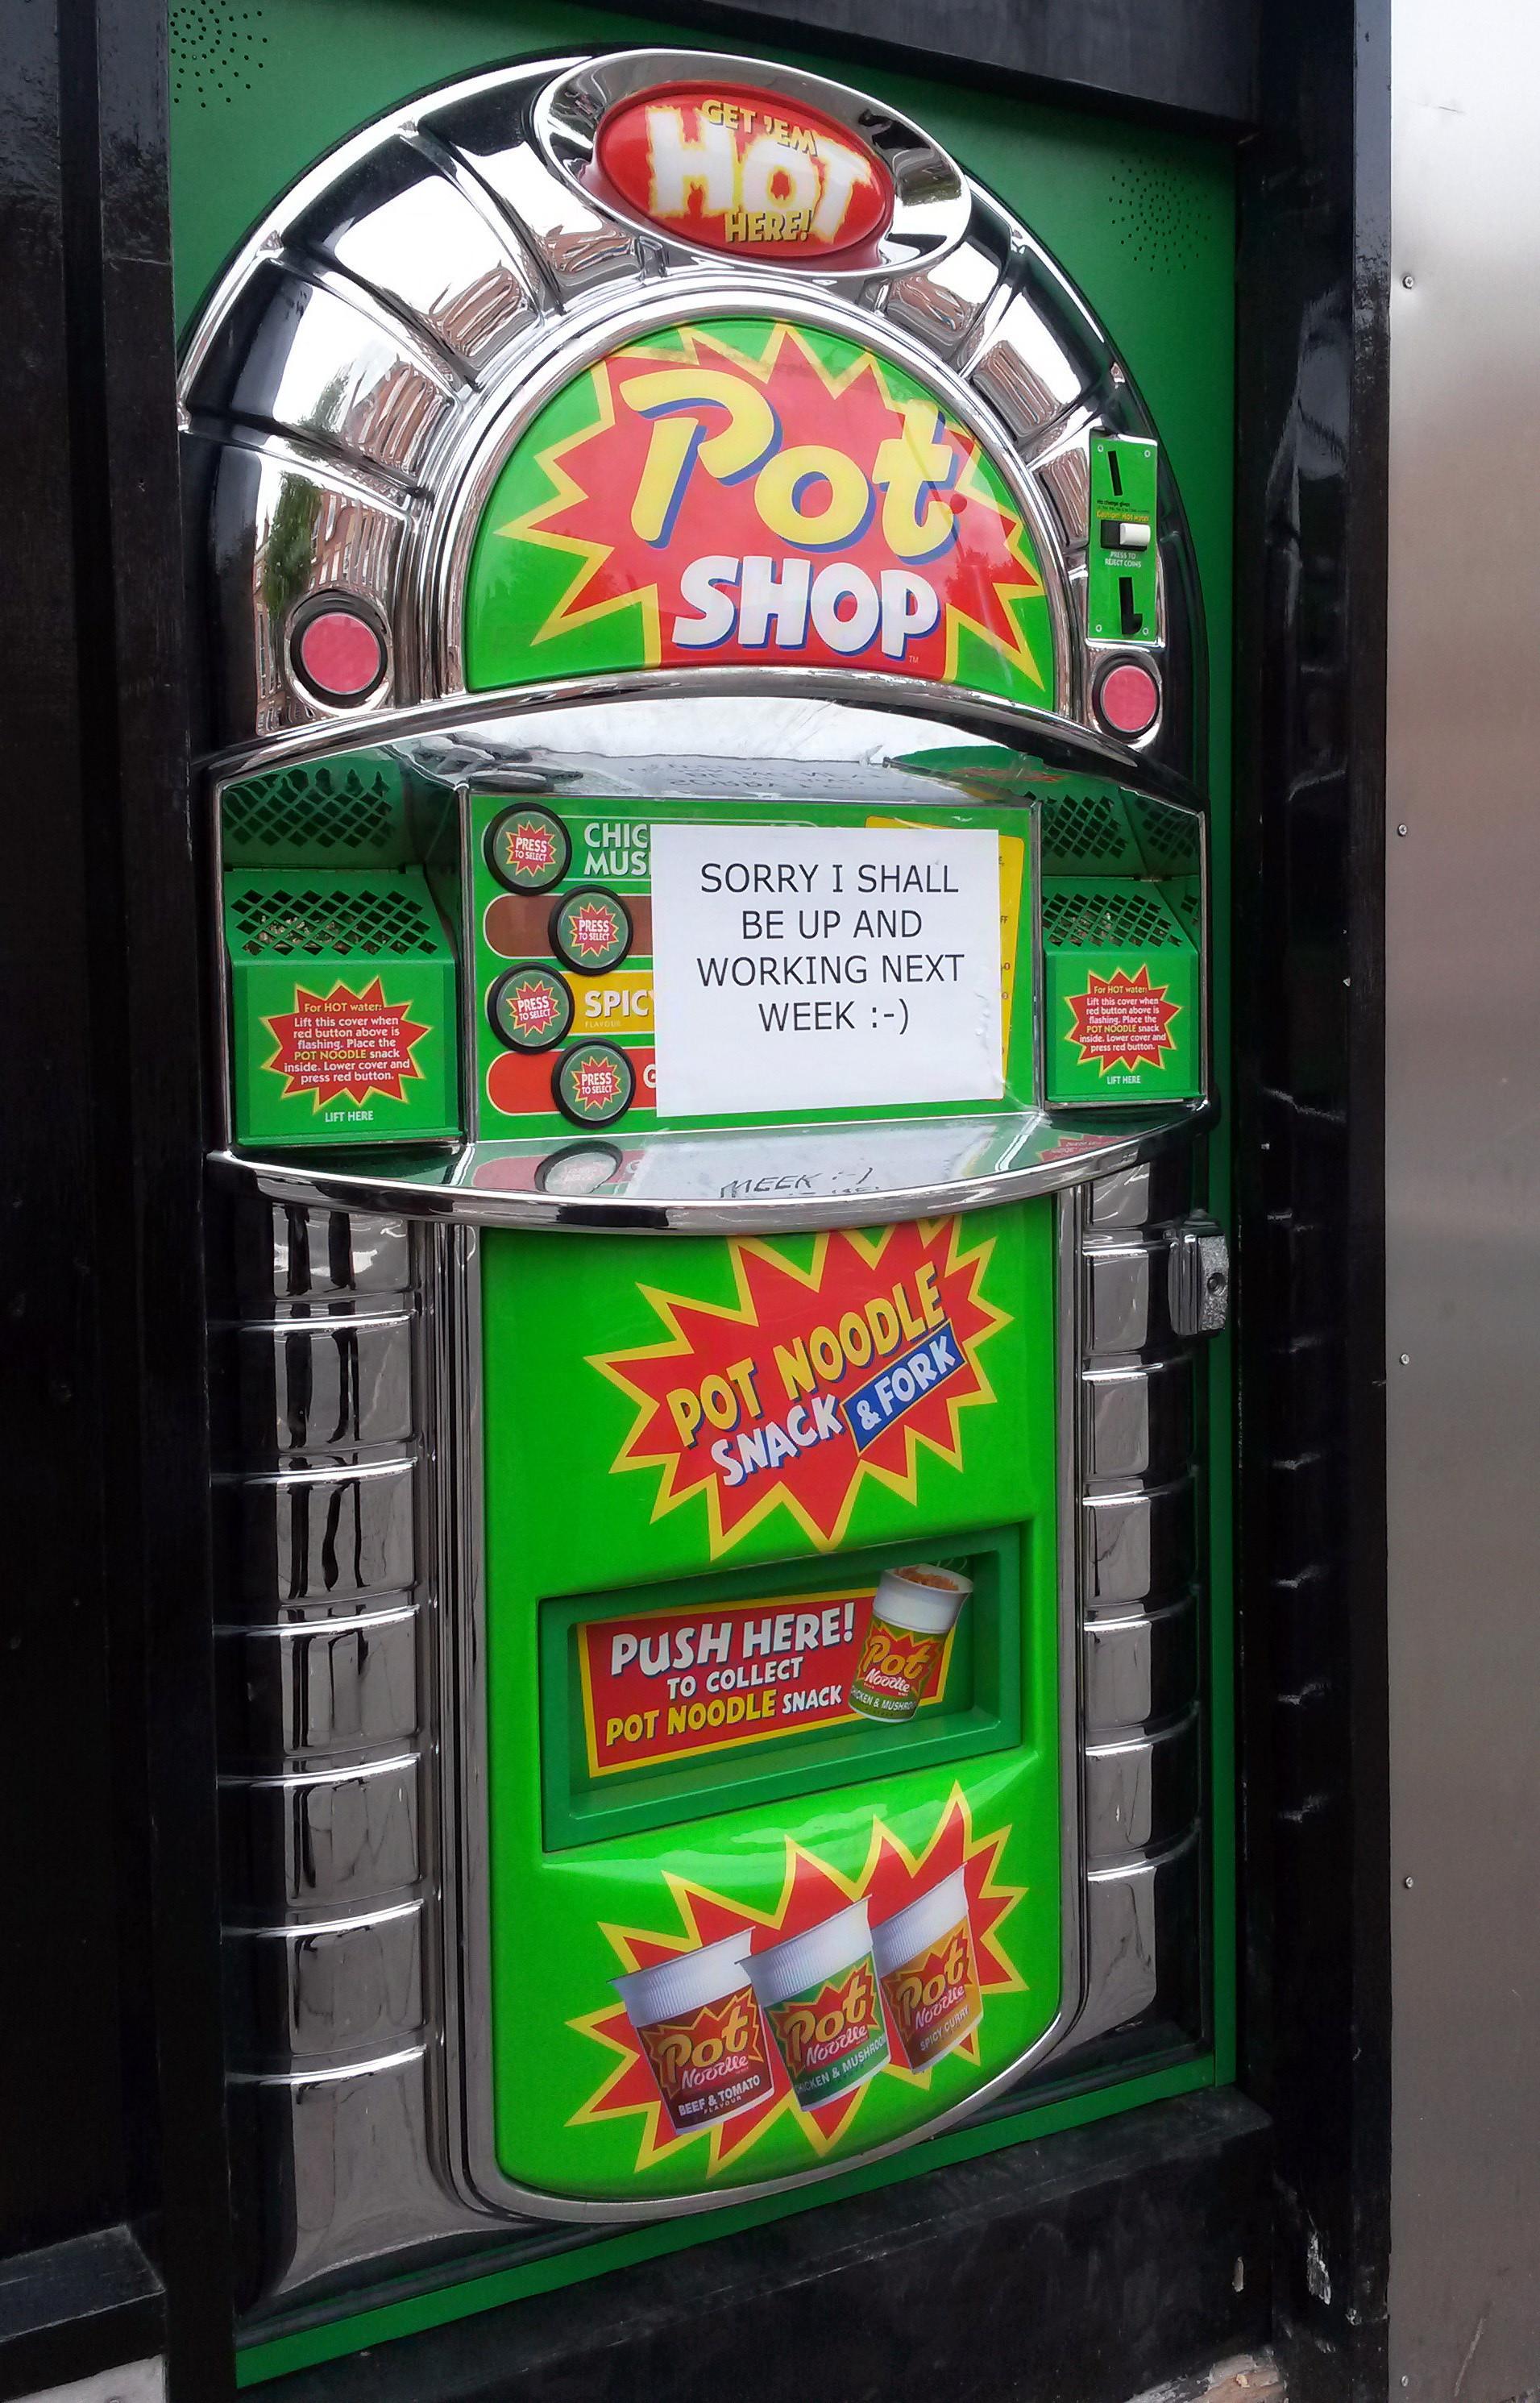 Pot noodle vending machine in Nottingham